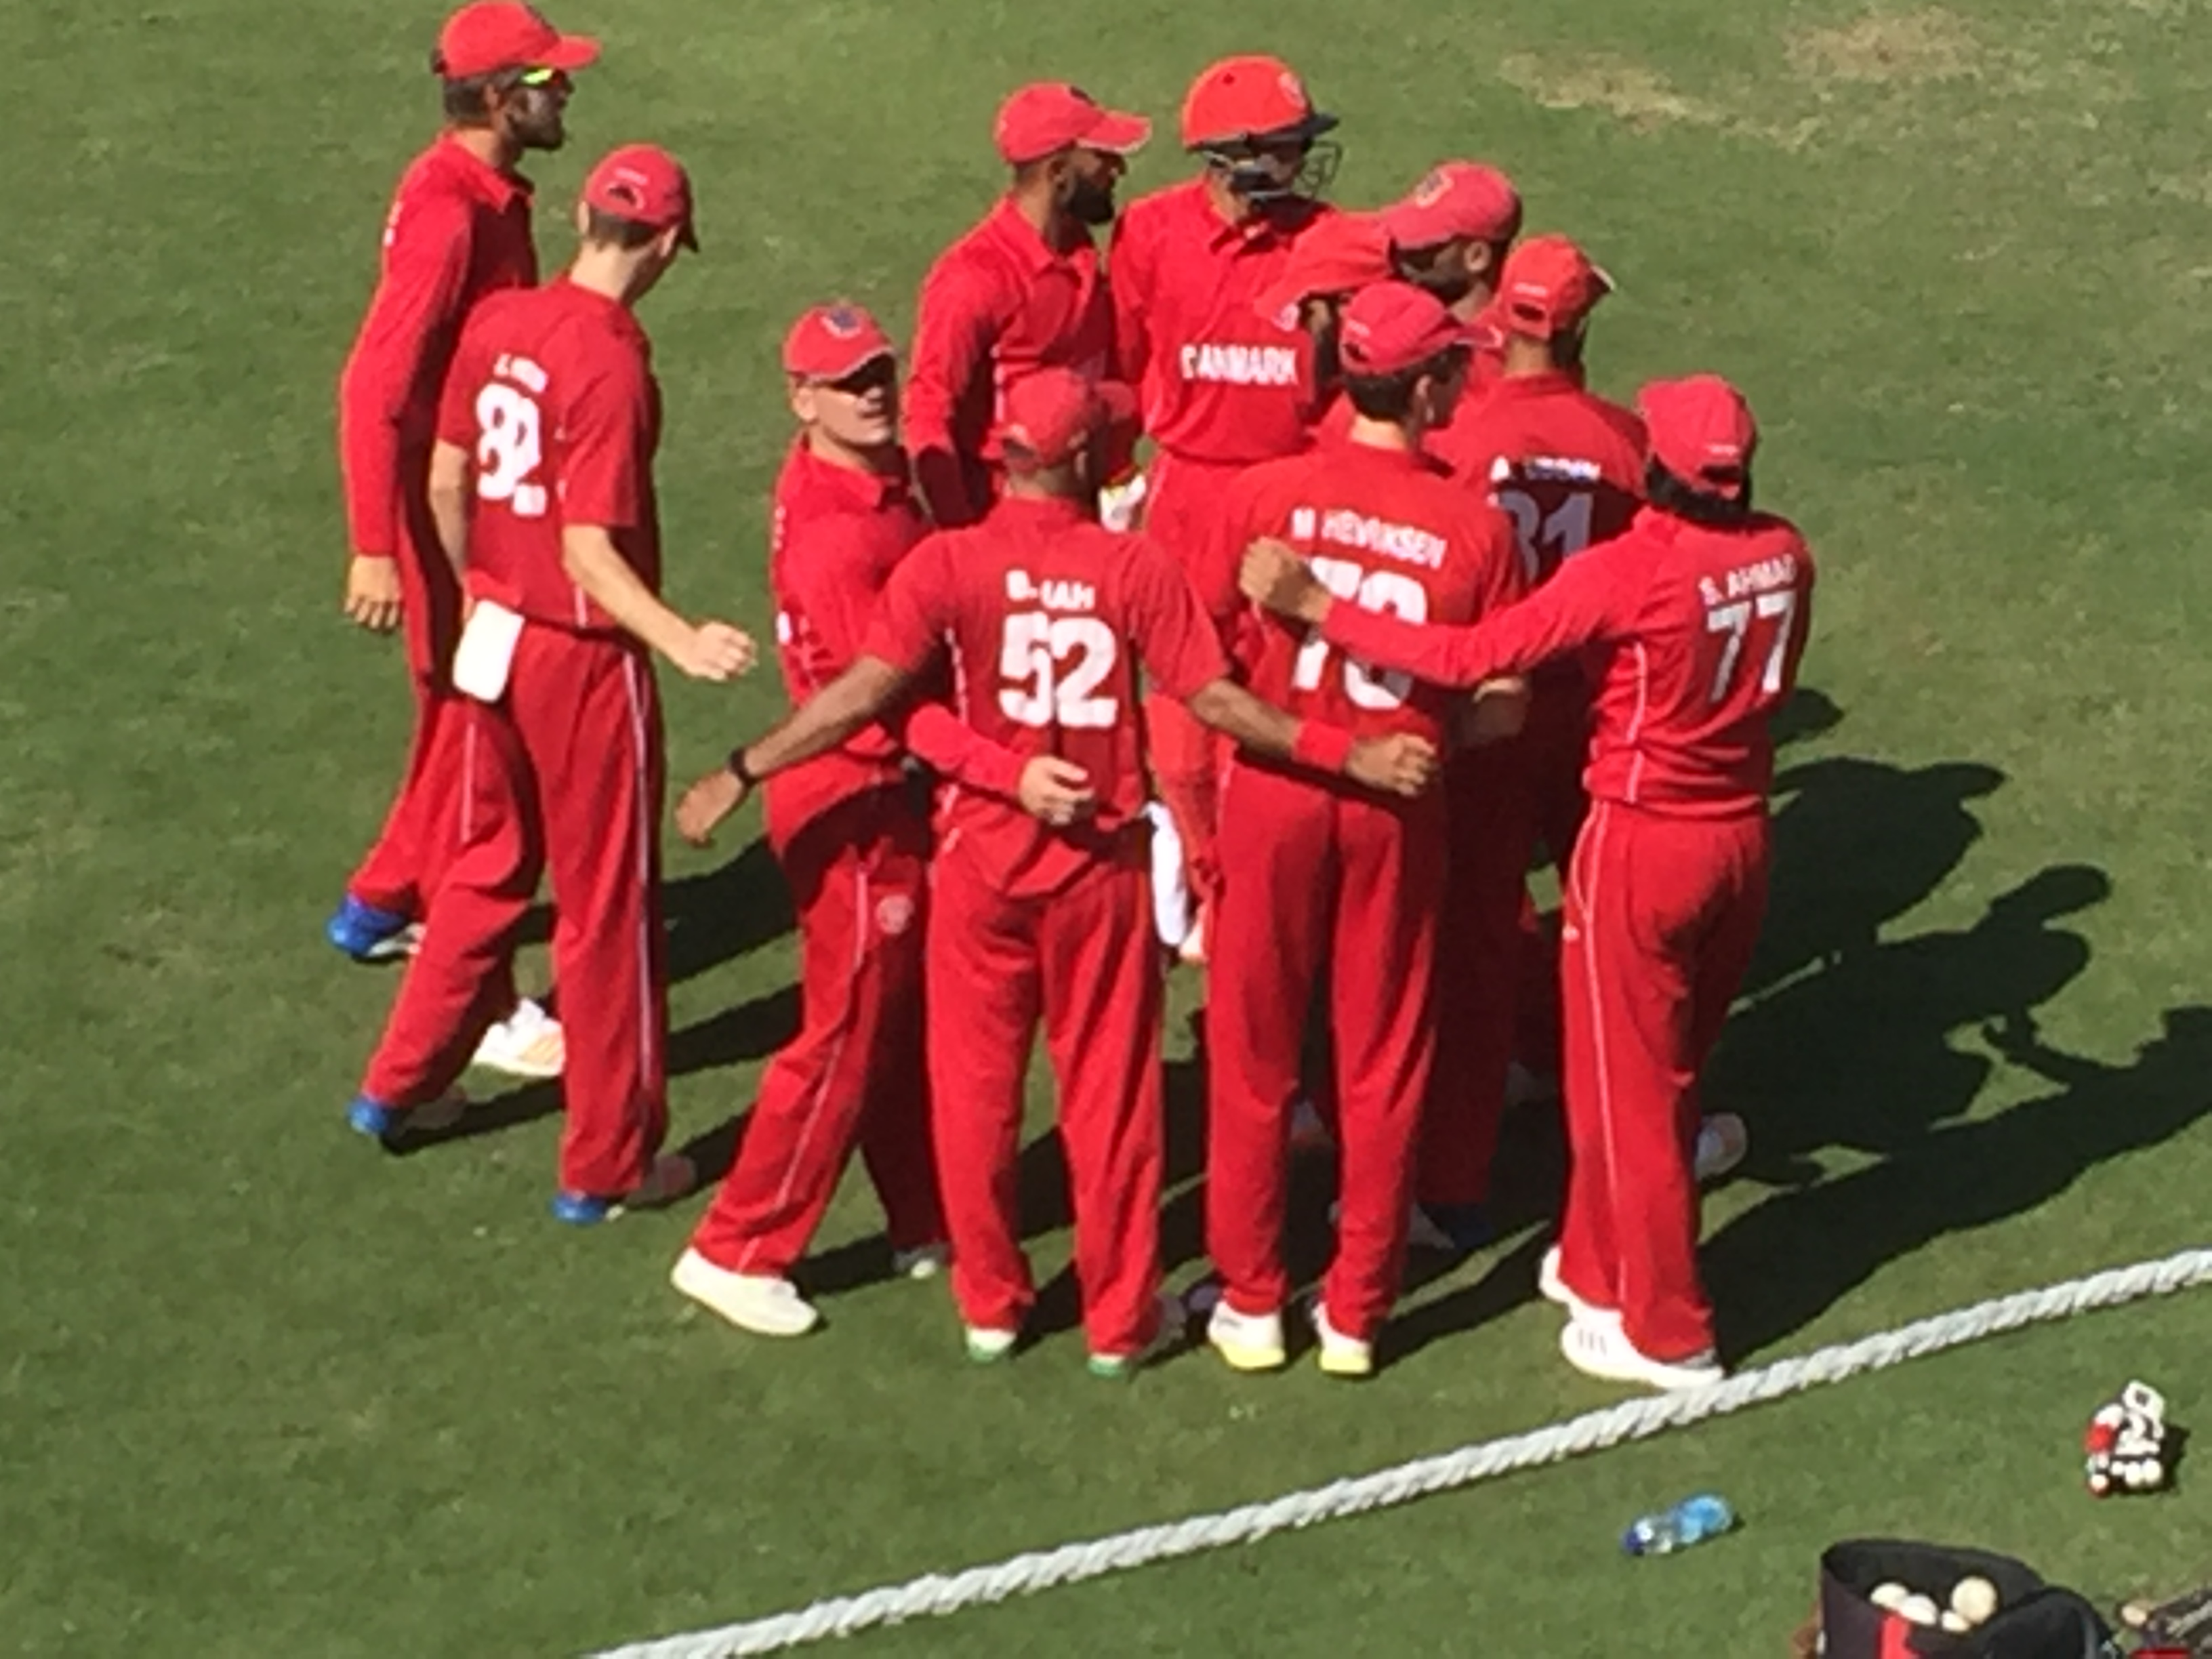 Det danske hold gav Oman en lige kamp 5